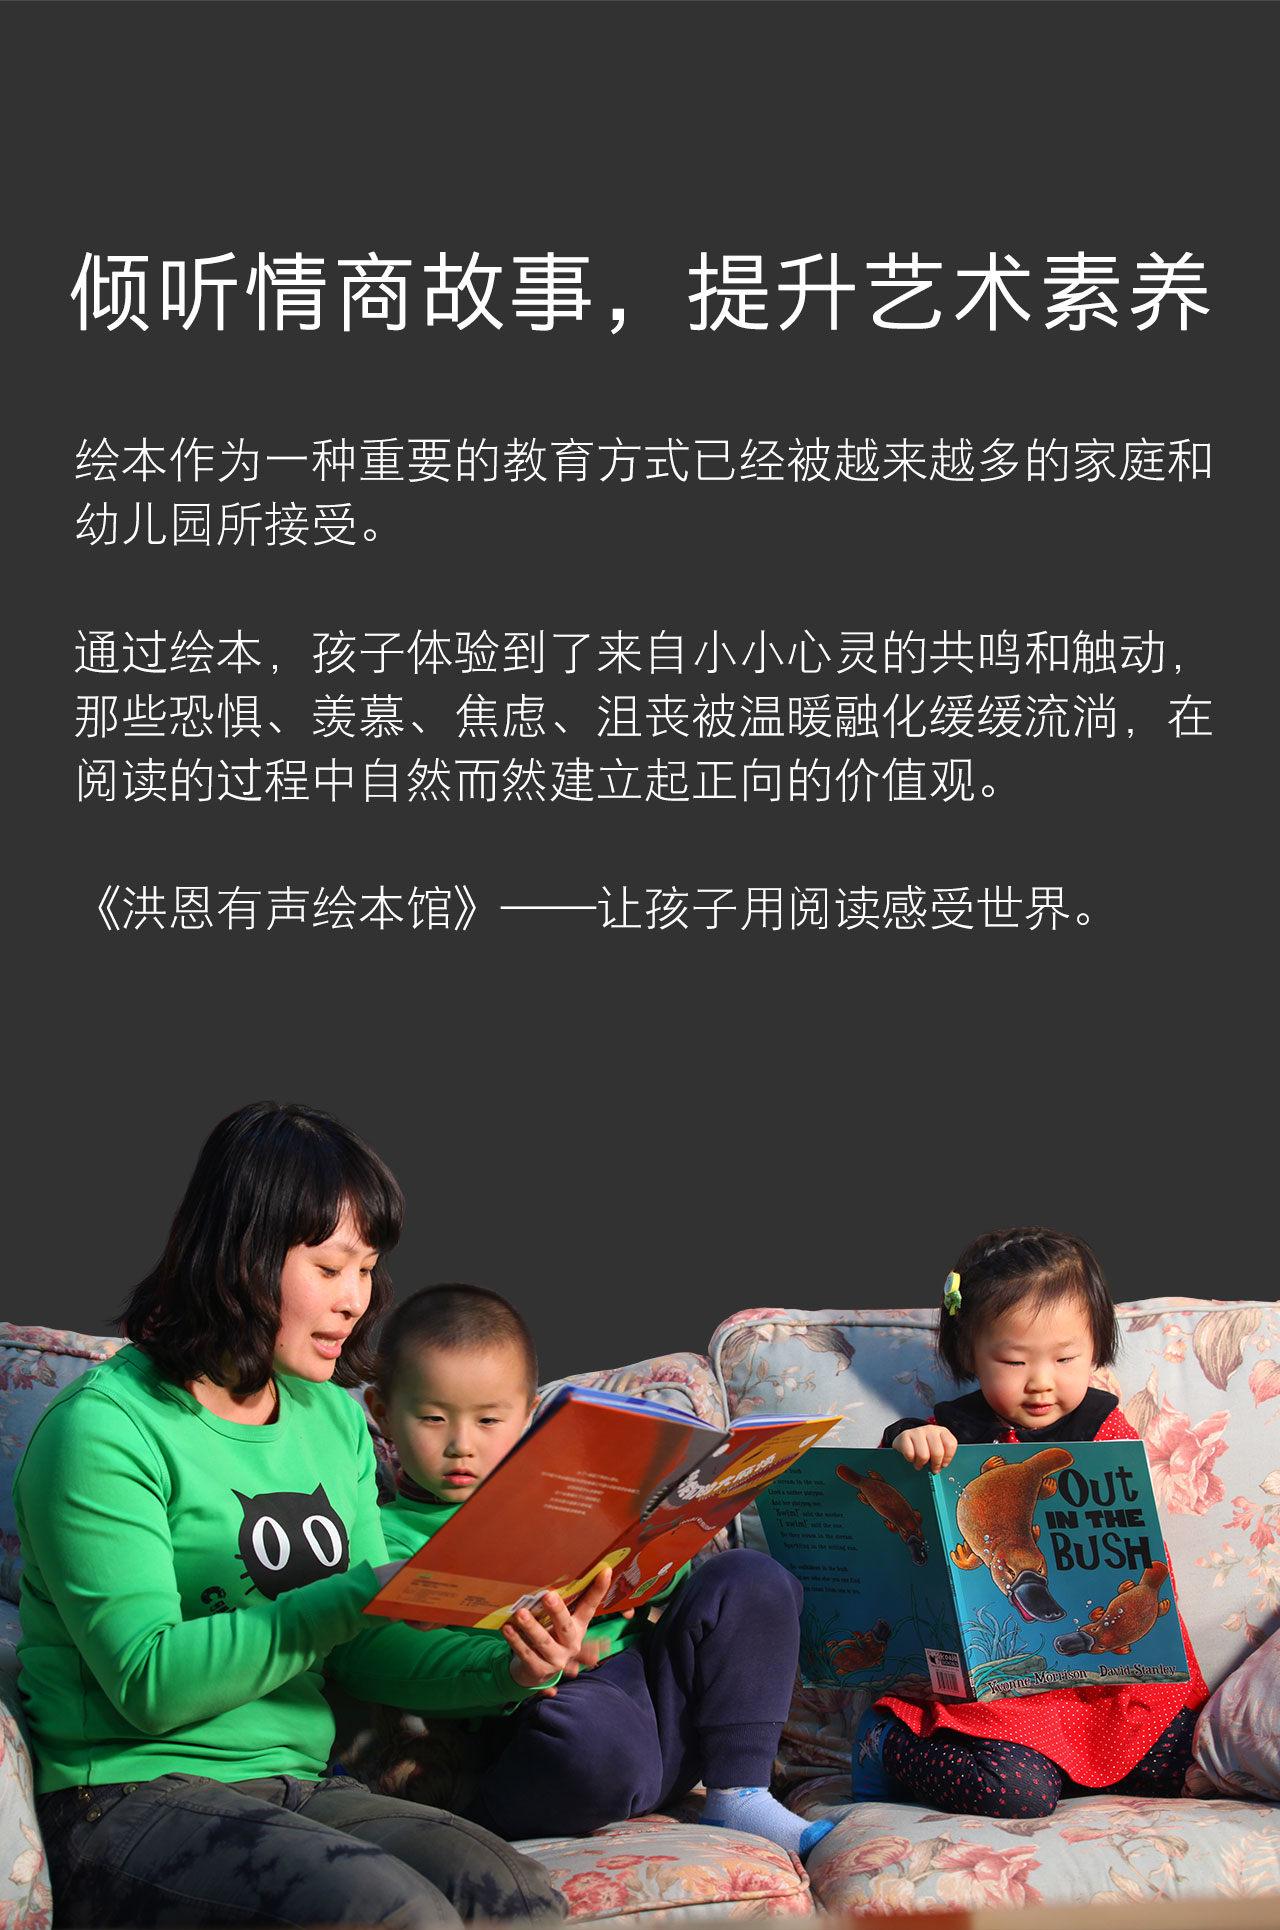 倾听情商故事,提升艺术素养  绘本作为一种重要的教育方式已经被越来越多的家庭和幼儿园所接受。  通过绘本,孩子体验到了来自小小心灵的共鸣和触动,那些恐惧、羡慕、焦虑、沮丧被温暖融化缓缓流淌,在阅读的过程中自然而然建立起正向的价值观。  《cf金凤凰有声绘本馆》——让孩子的阅读与世界同步。